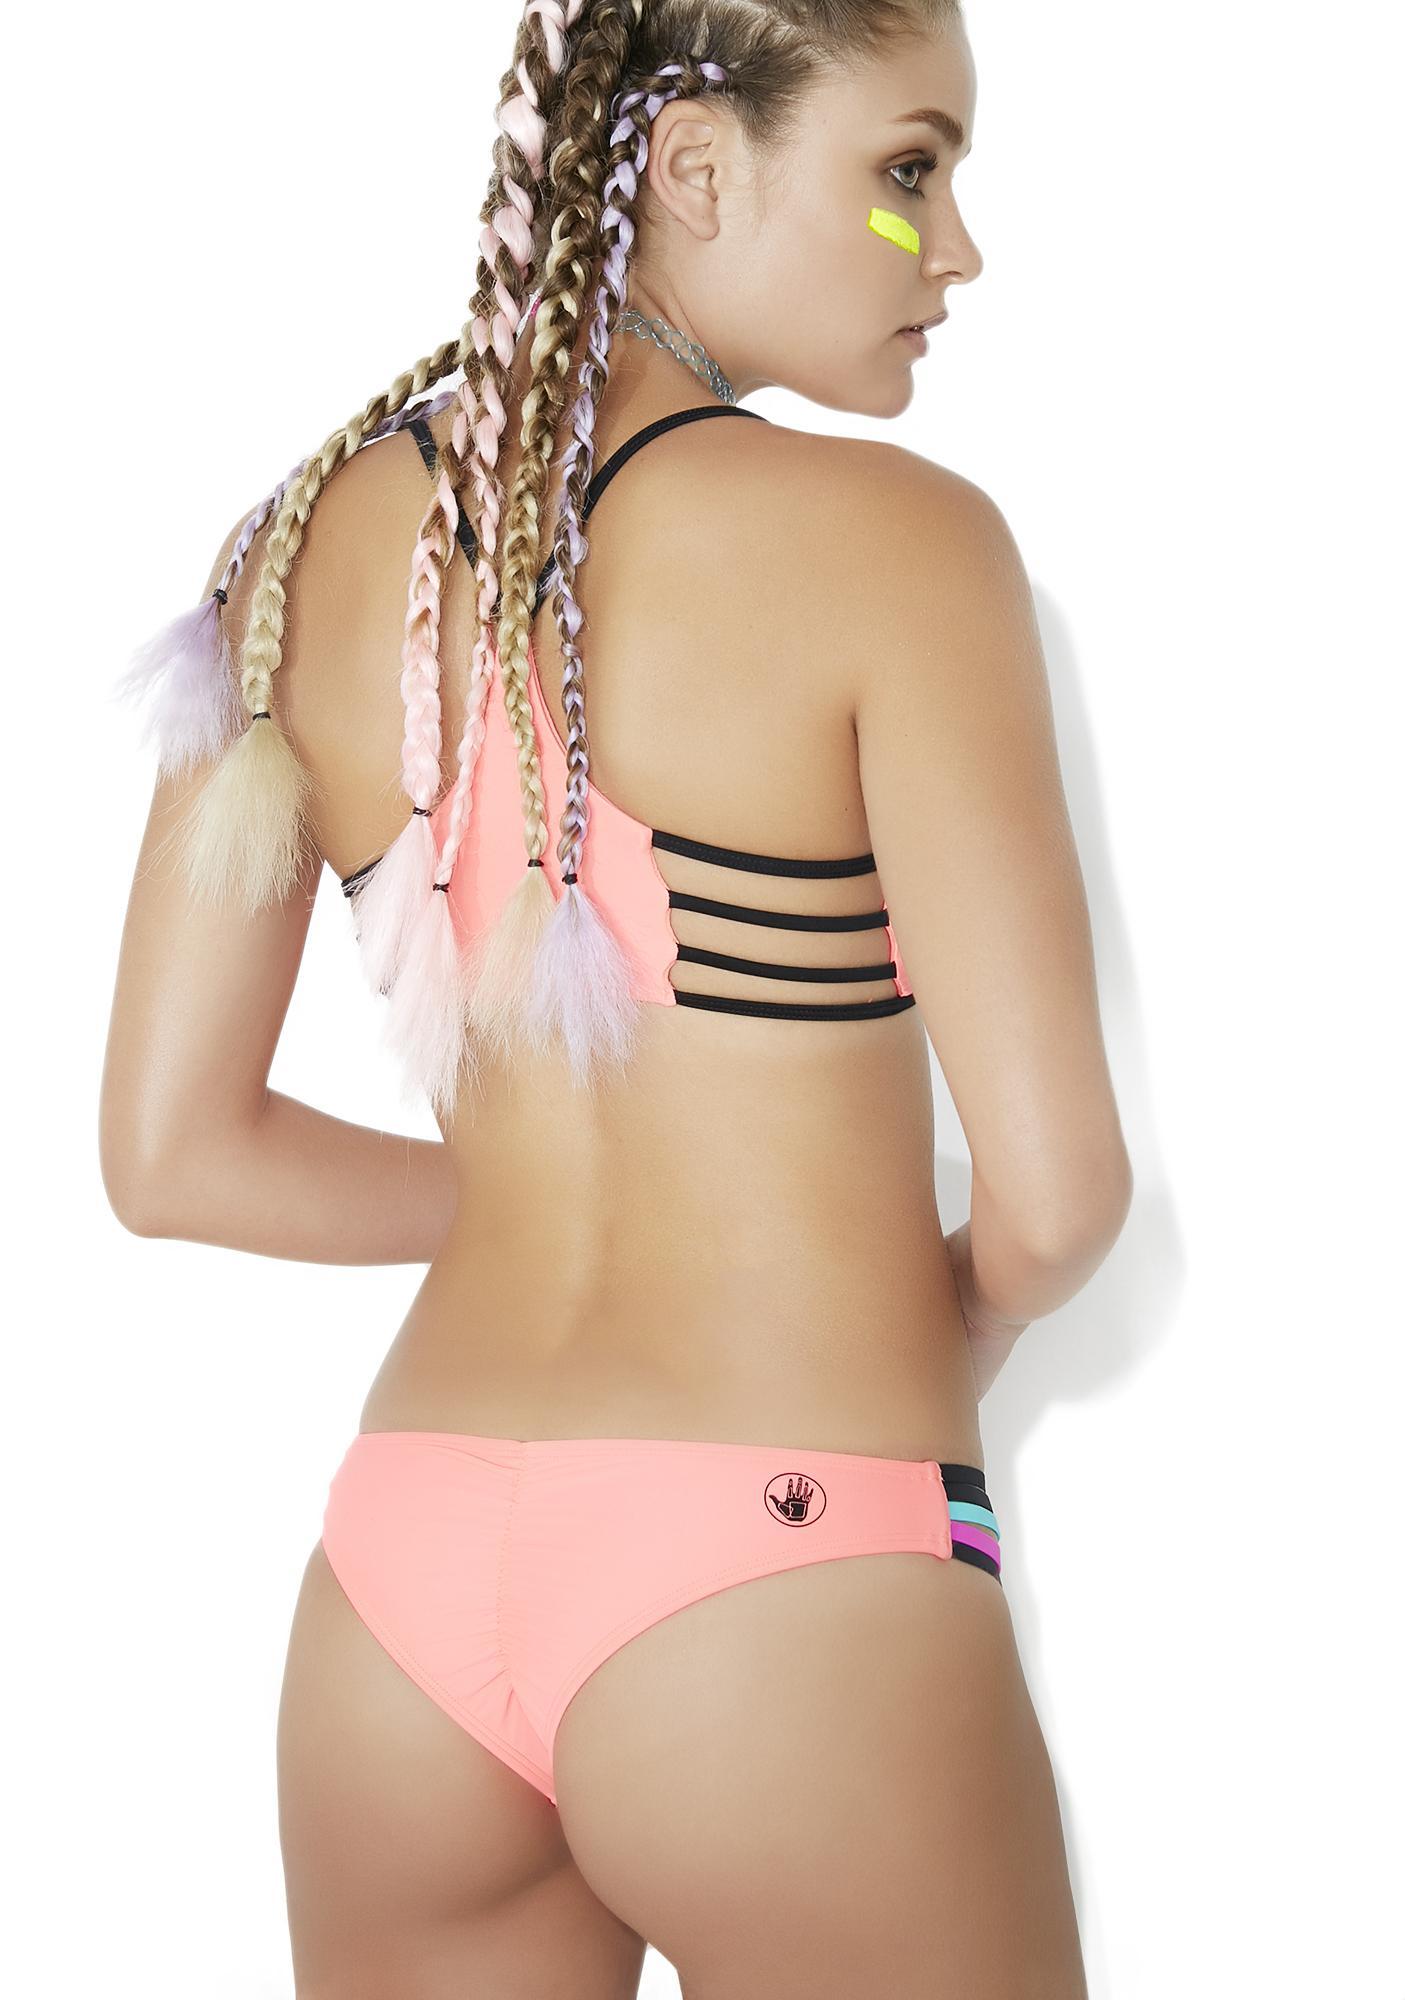 Body Glove Amaris Bikini Bottoms